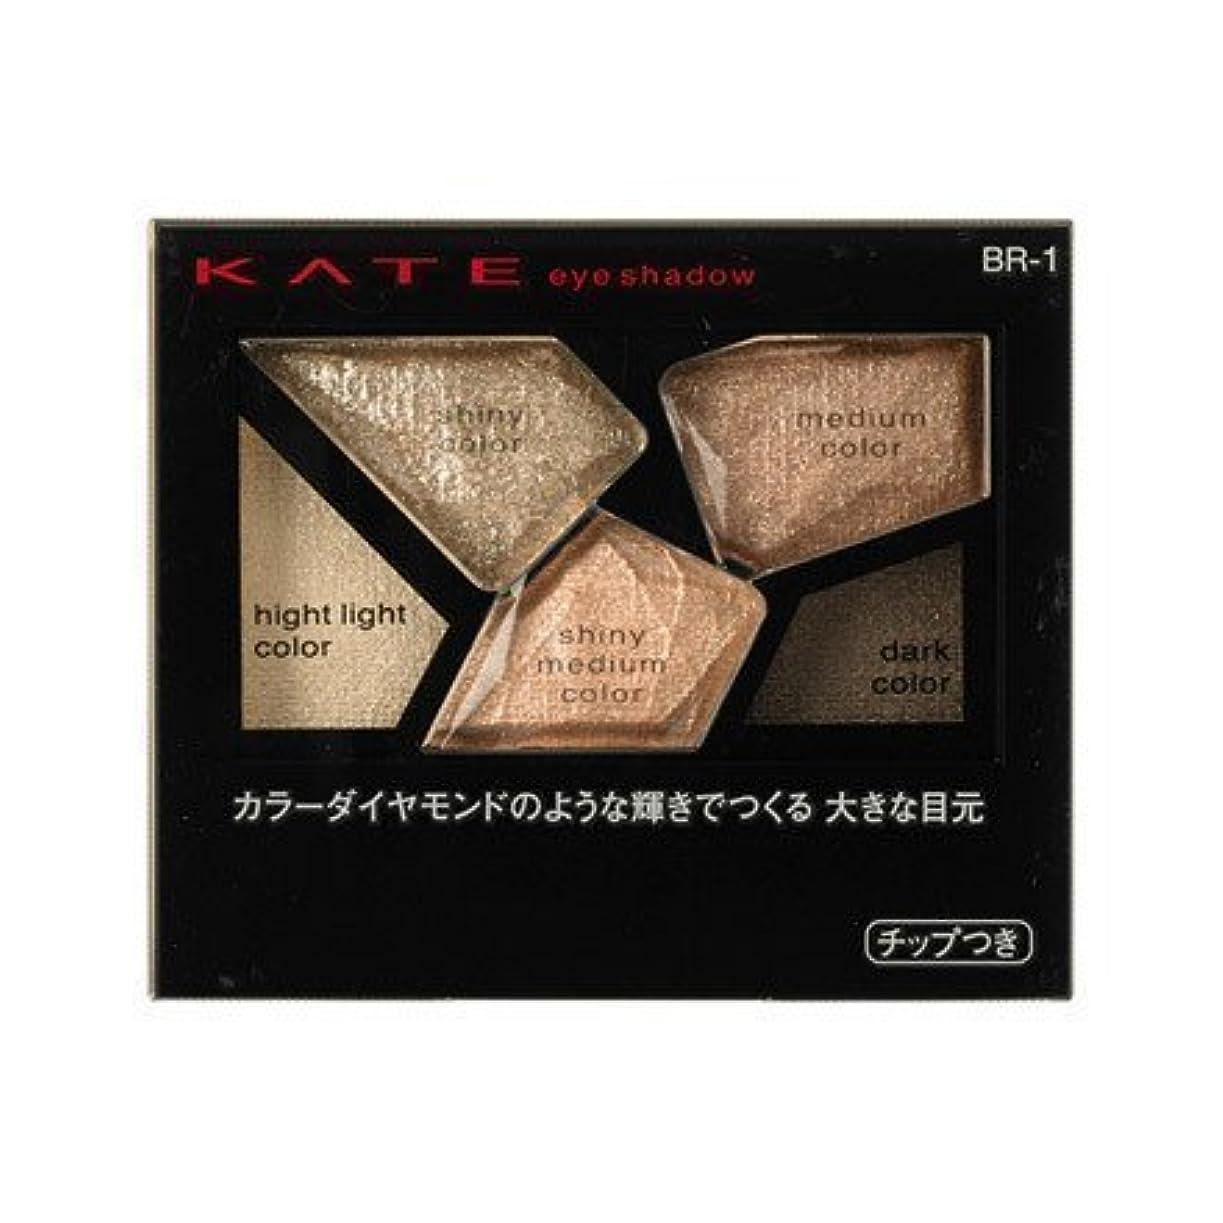 曲げる民間人本質的に【カネボウ】ケイト カラーシャスダイヤモンド #BR-1 2.8g